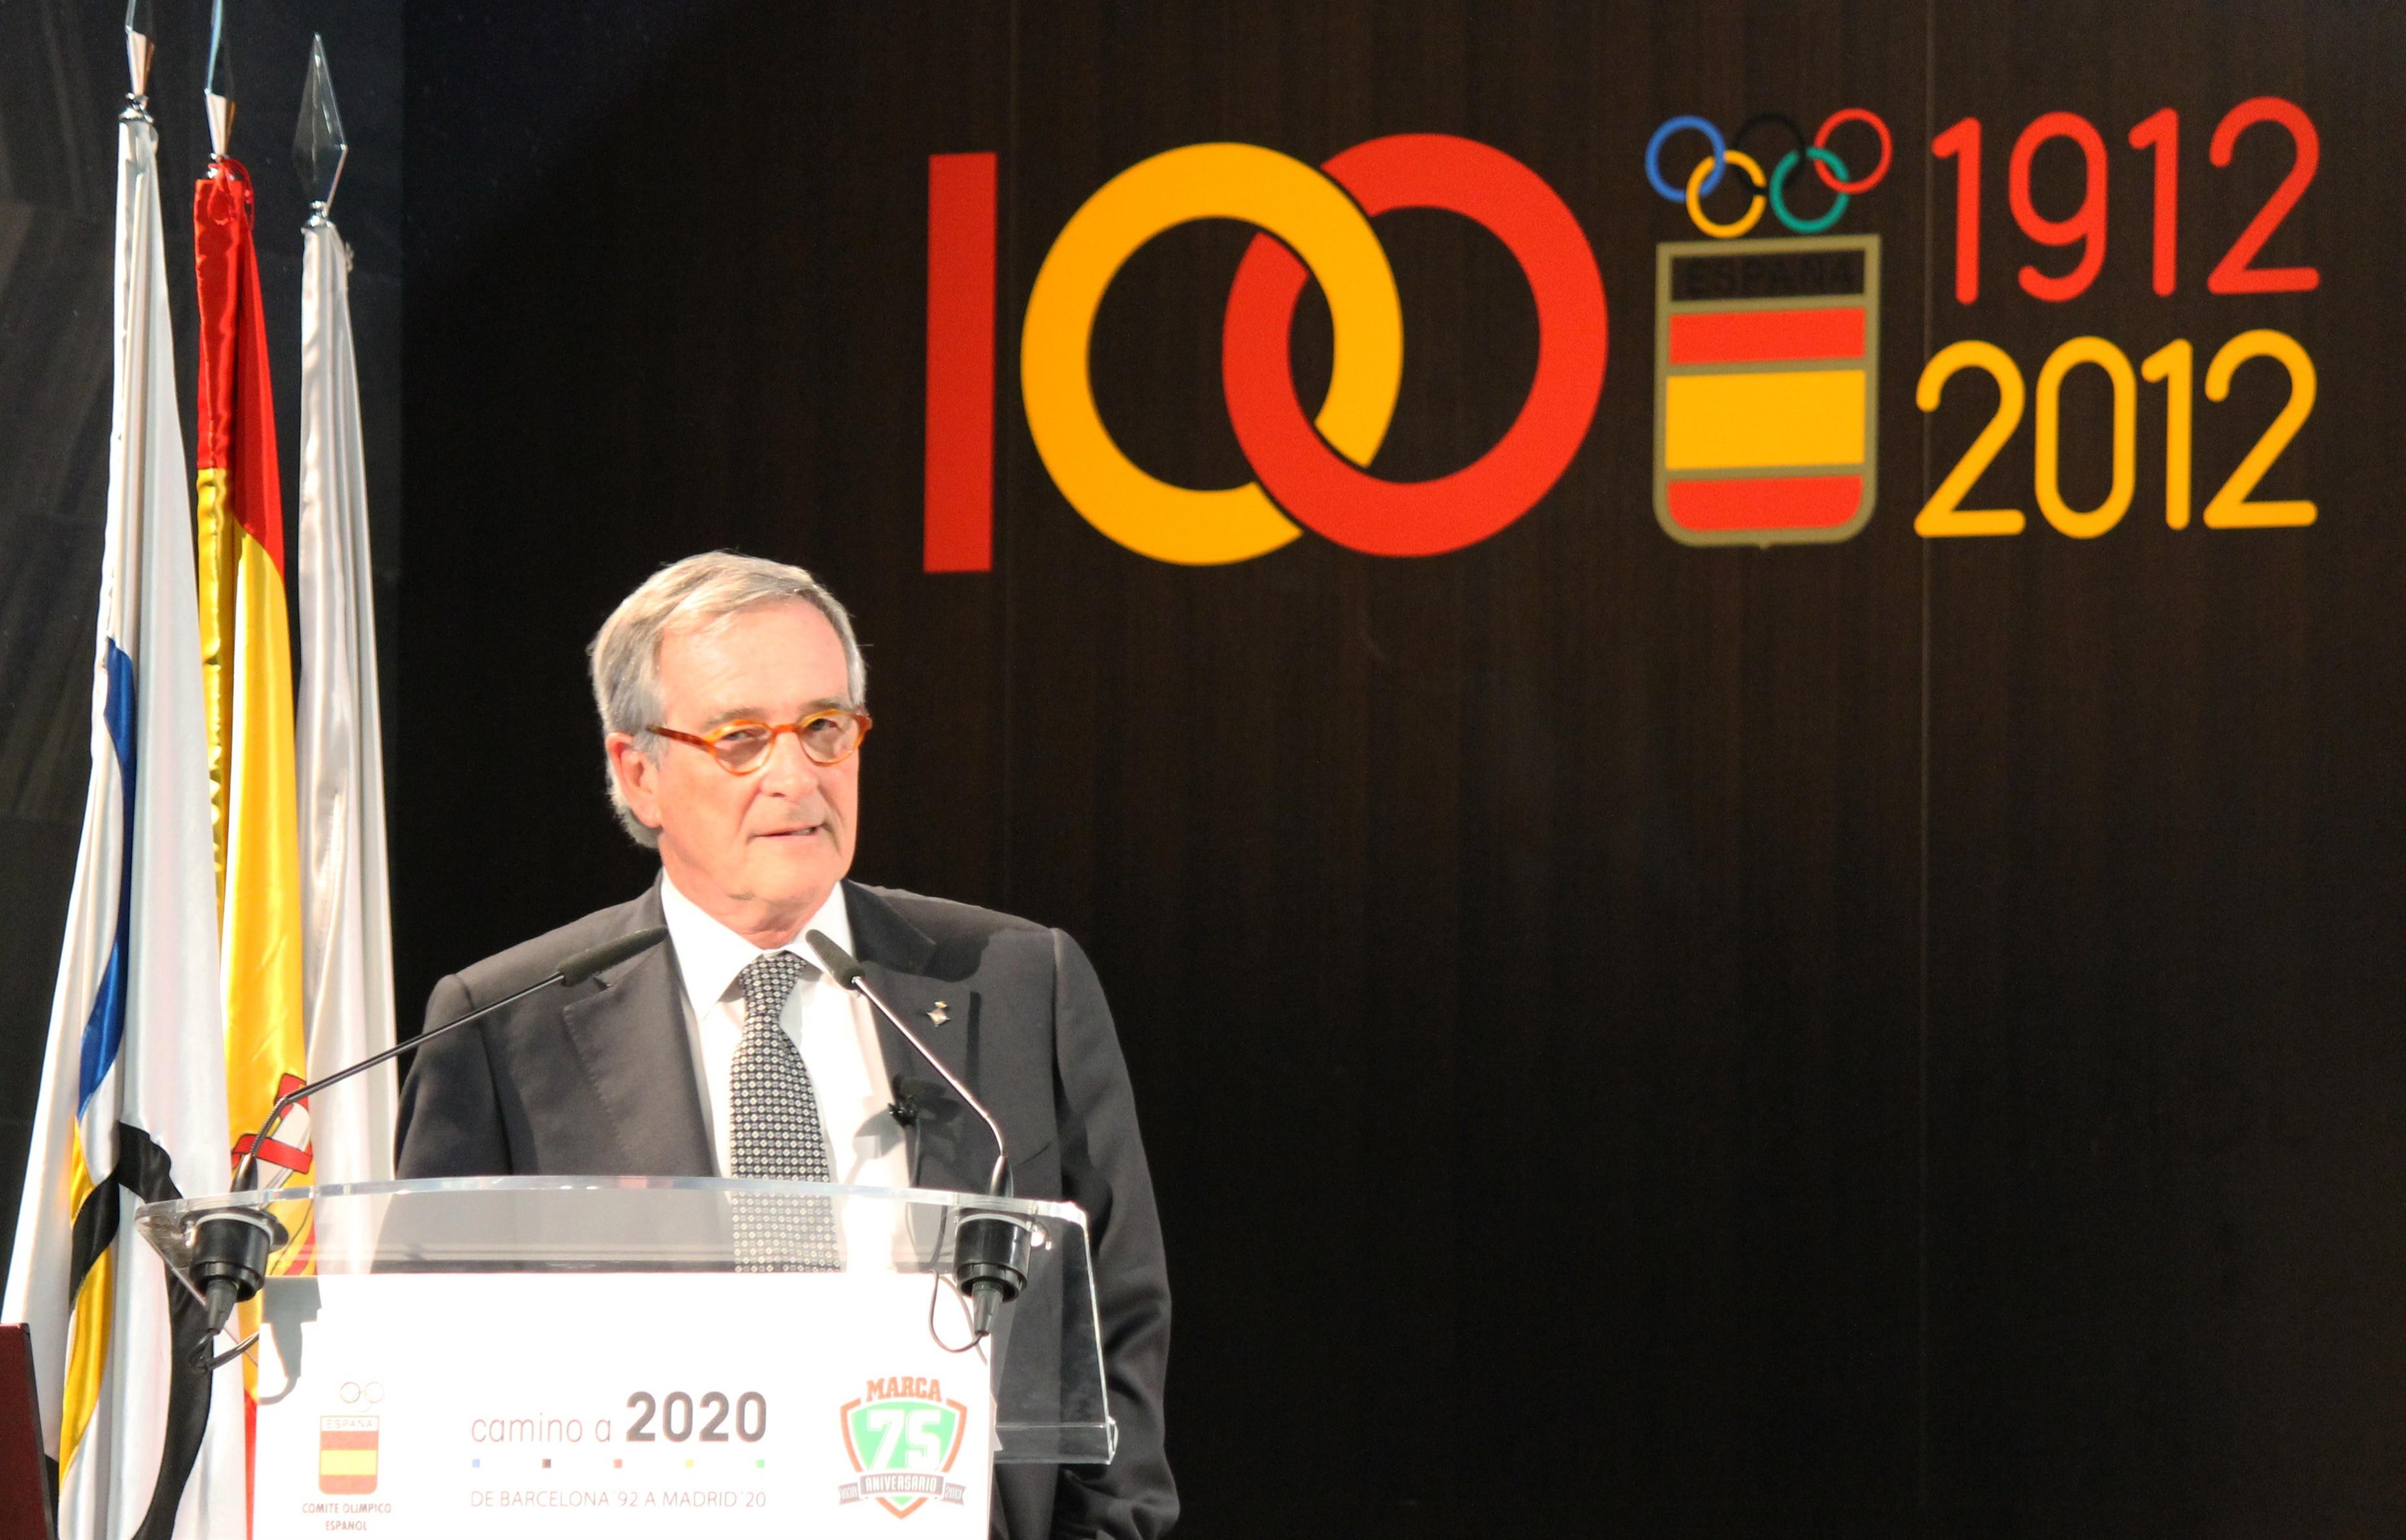 El COI dice a Trías que Barcelona debe elevar el nivel organizativo y deportivo para optar a los Juegos